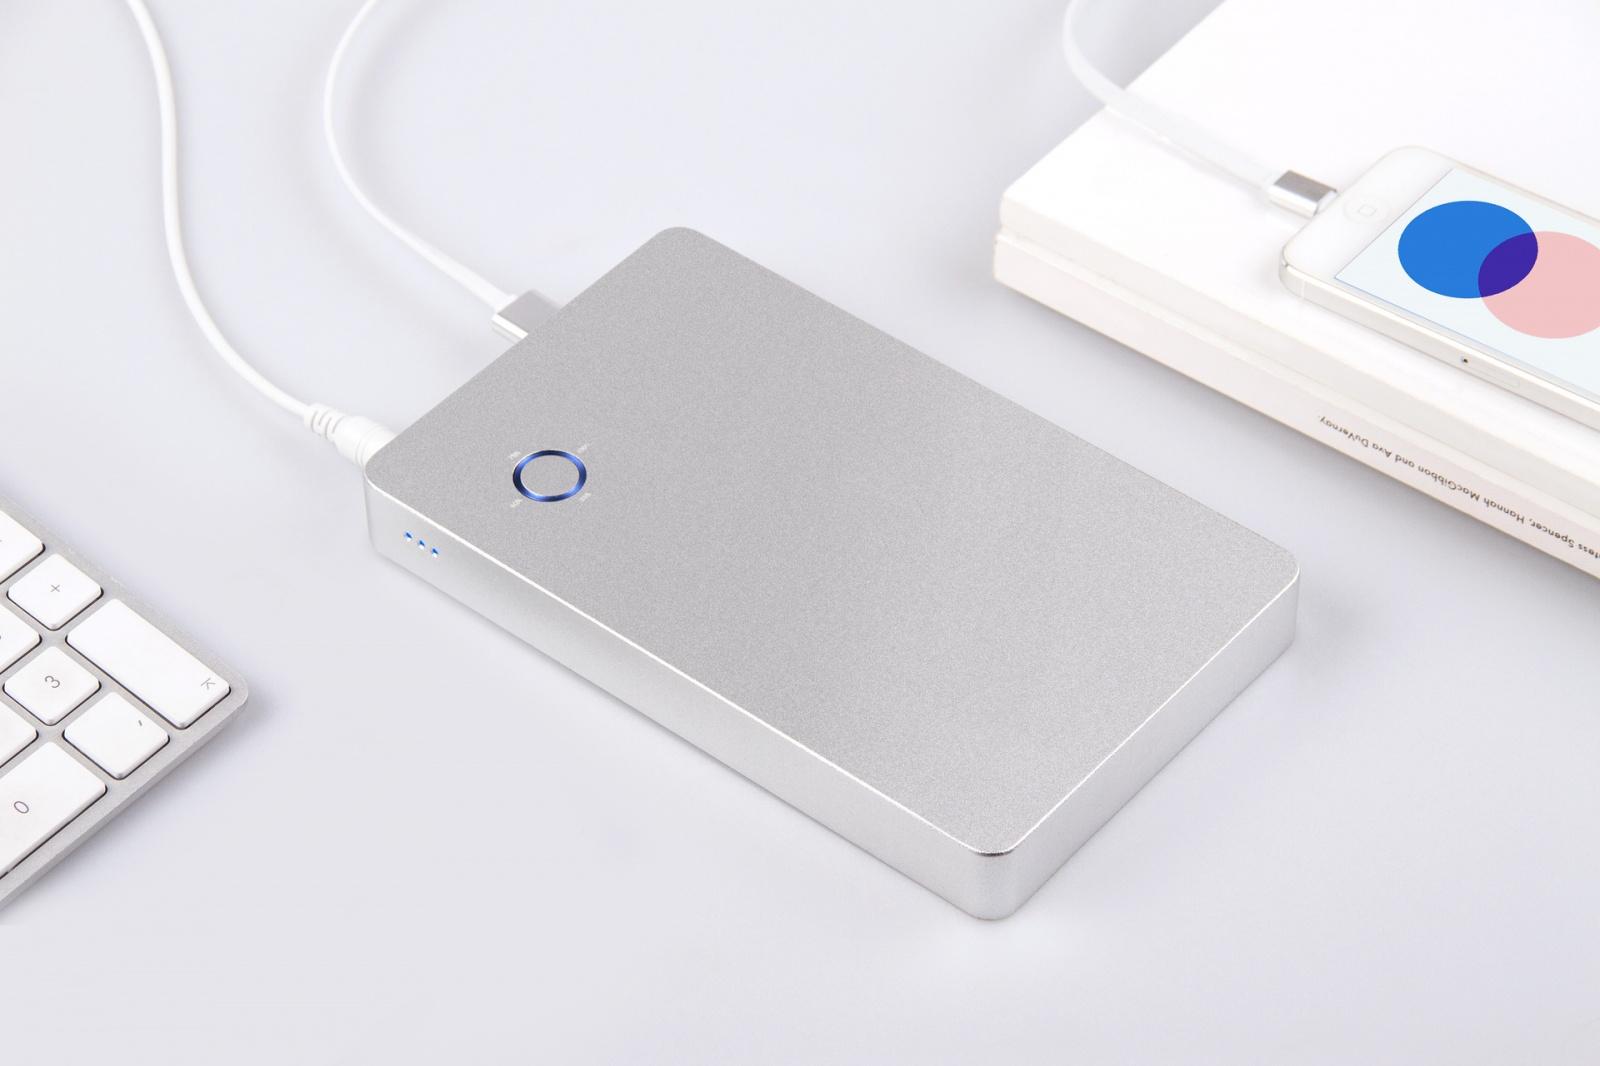 Зарядные устройства Rombica обеспечат энергией все — от нотбуков до коптеров - 11